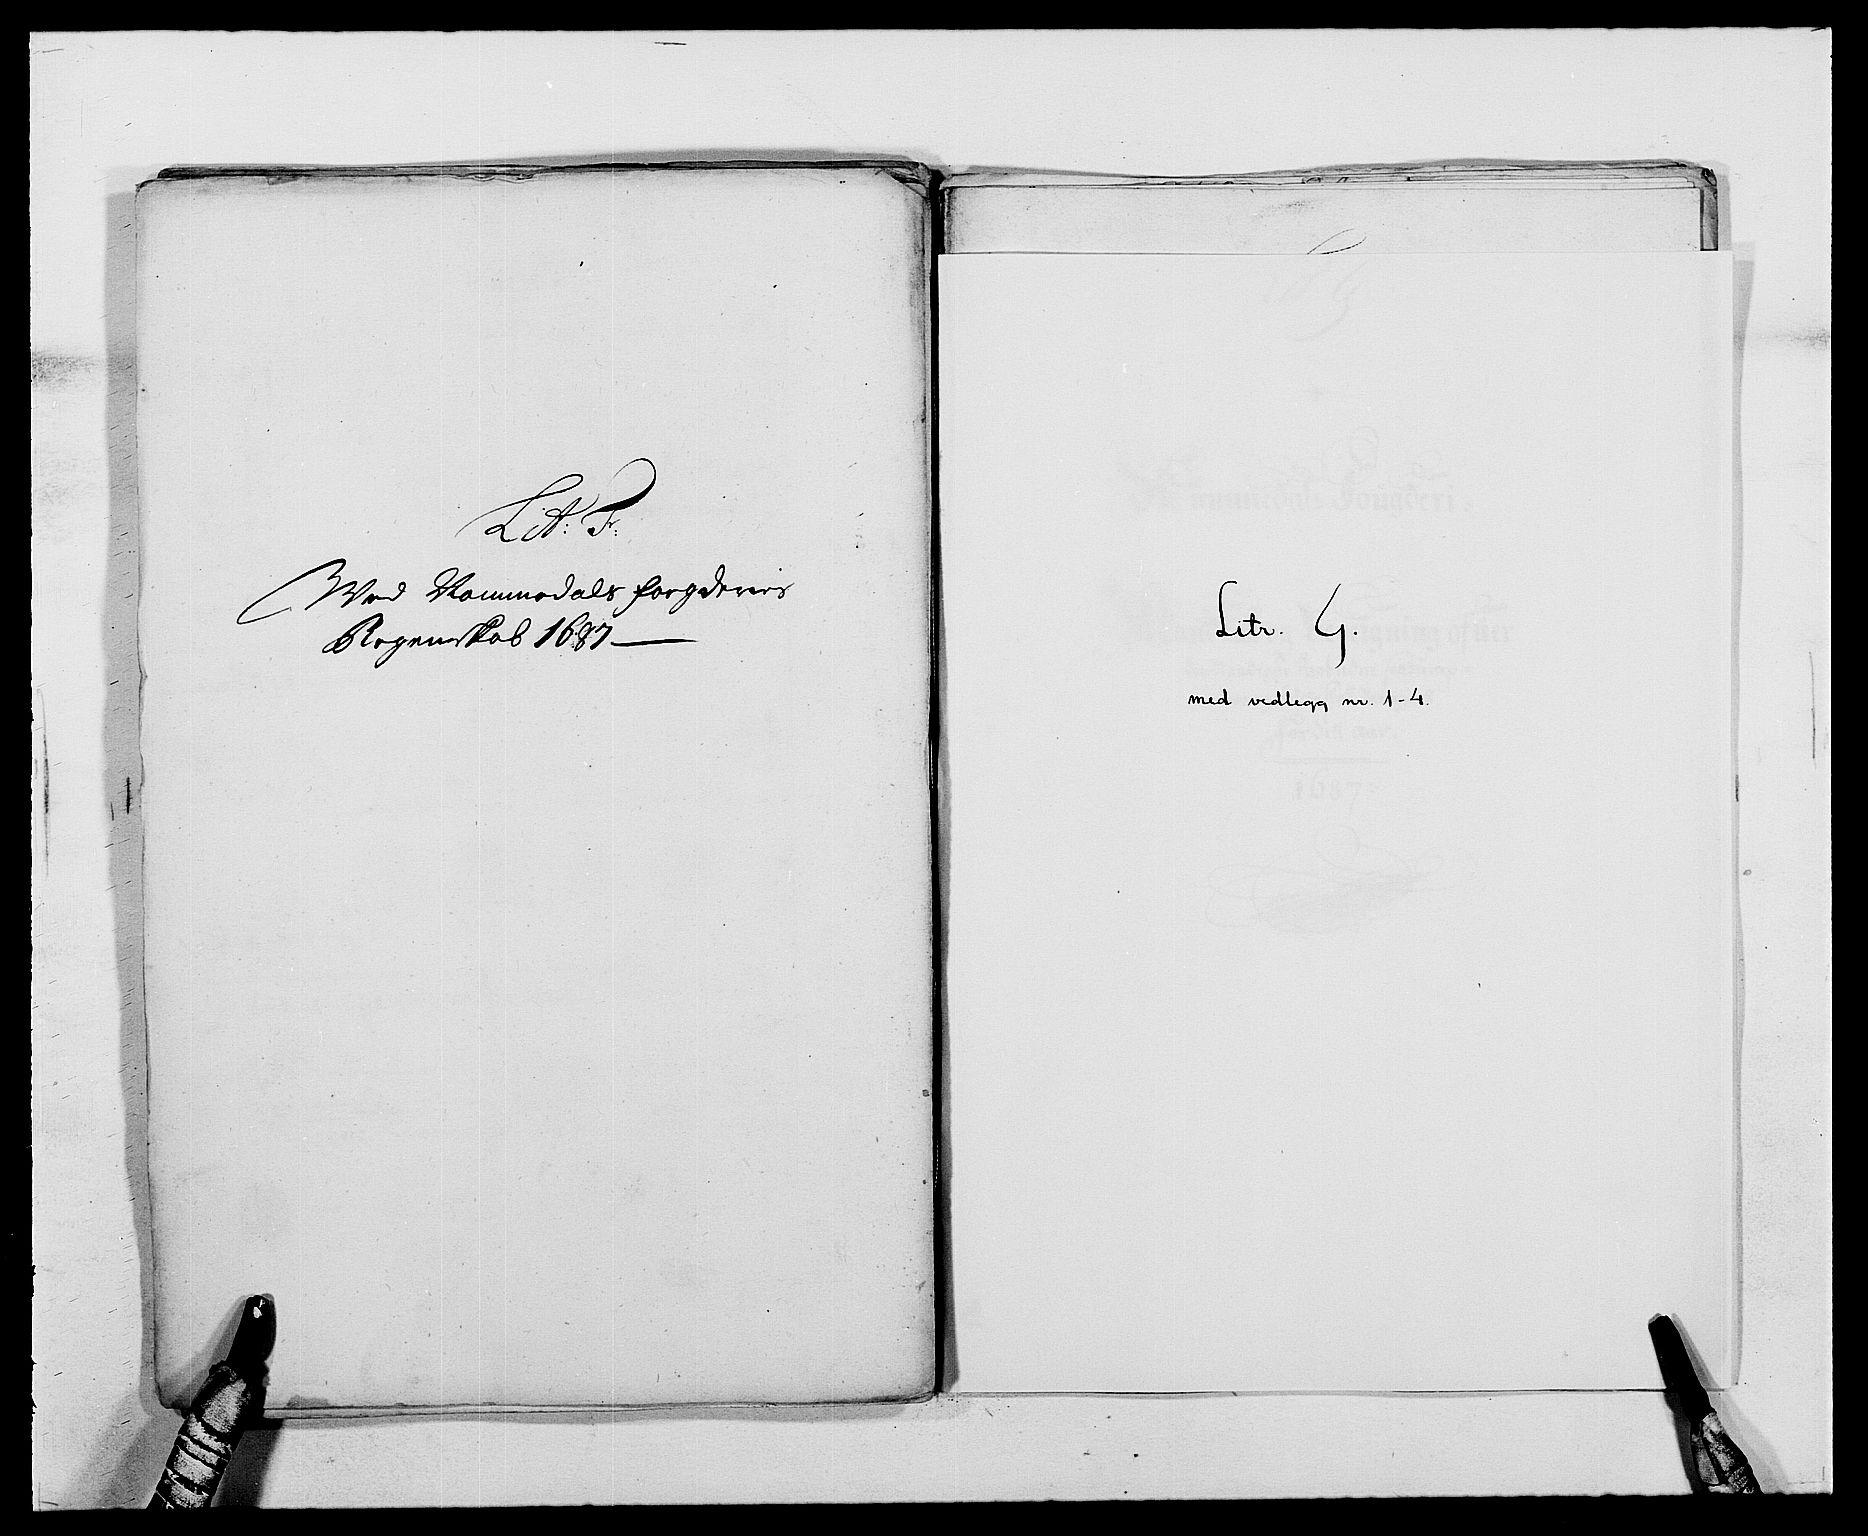 RA, Rentekammeret inntil 1814, Reviderte regnskaper, Fogderegnskap, R64/L4422: Fogderegnskap Namdal, 1687-1689, s. 29